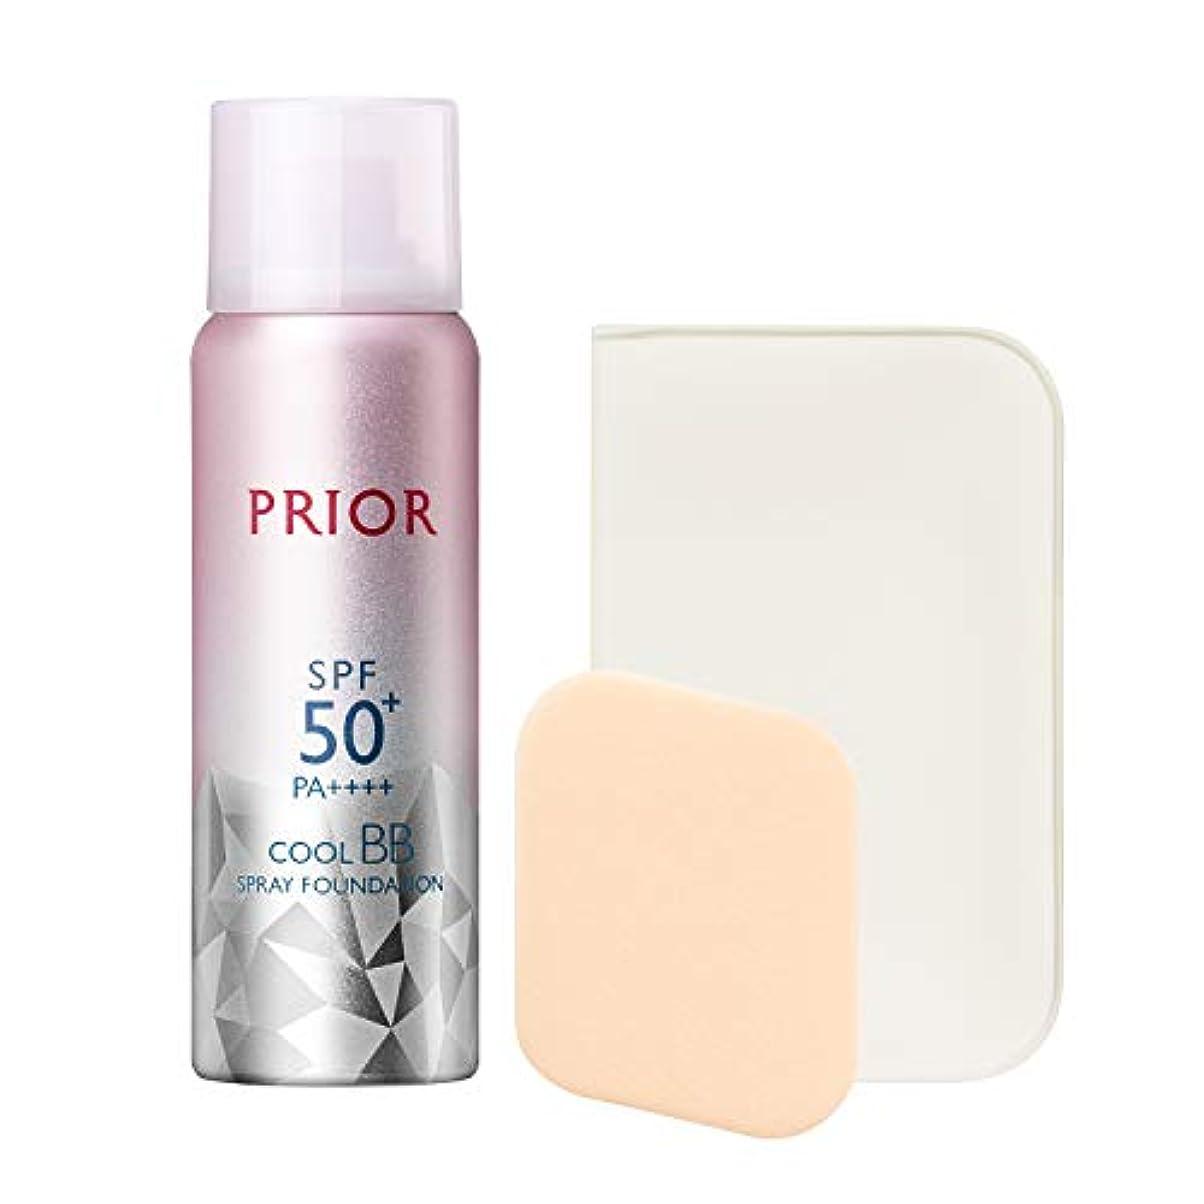 フラッシュのように素早く認識傾いたプリオール クール美つやBBスプレー UV 50 c ライト 50g